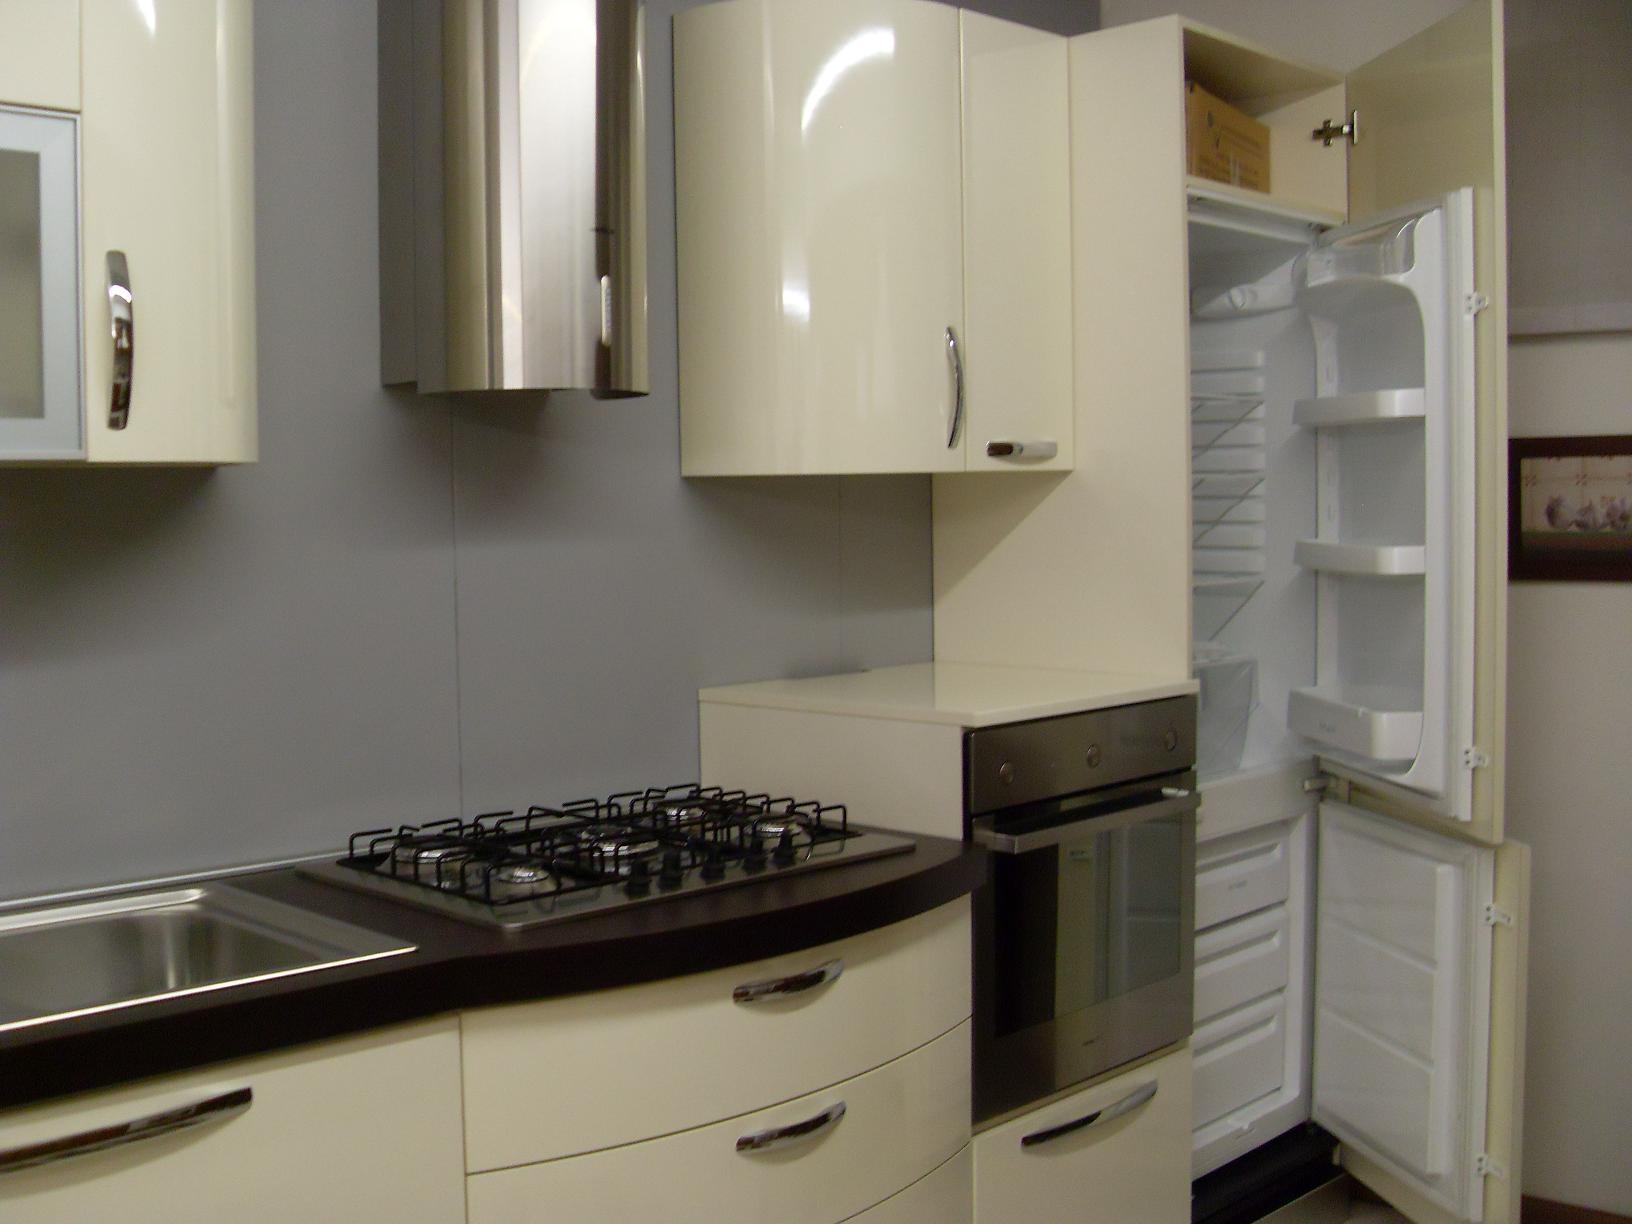 Cucina lineare di stosa cucine modello patty cucine a for Modelli di cucine